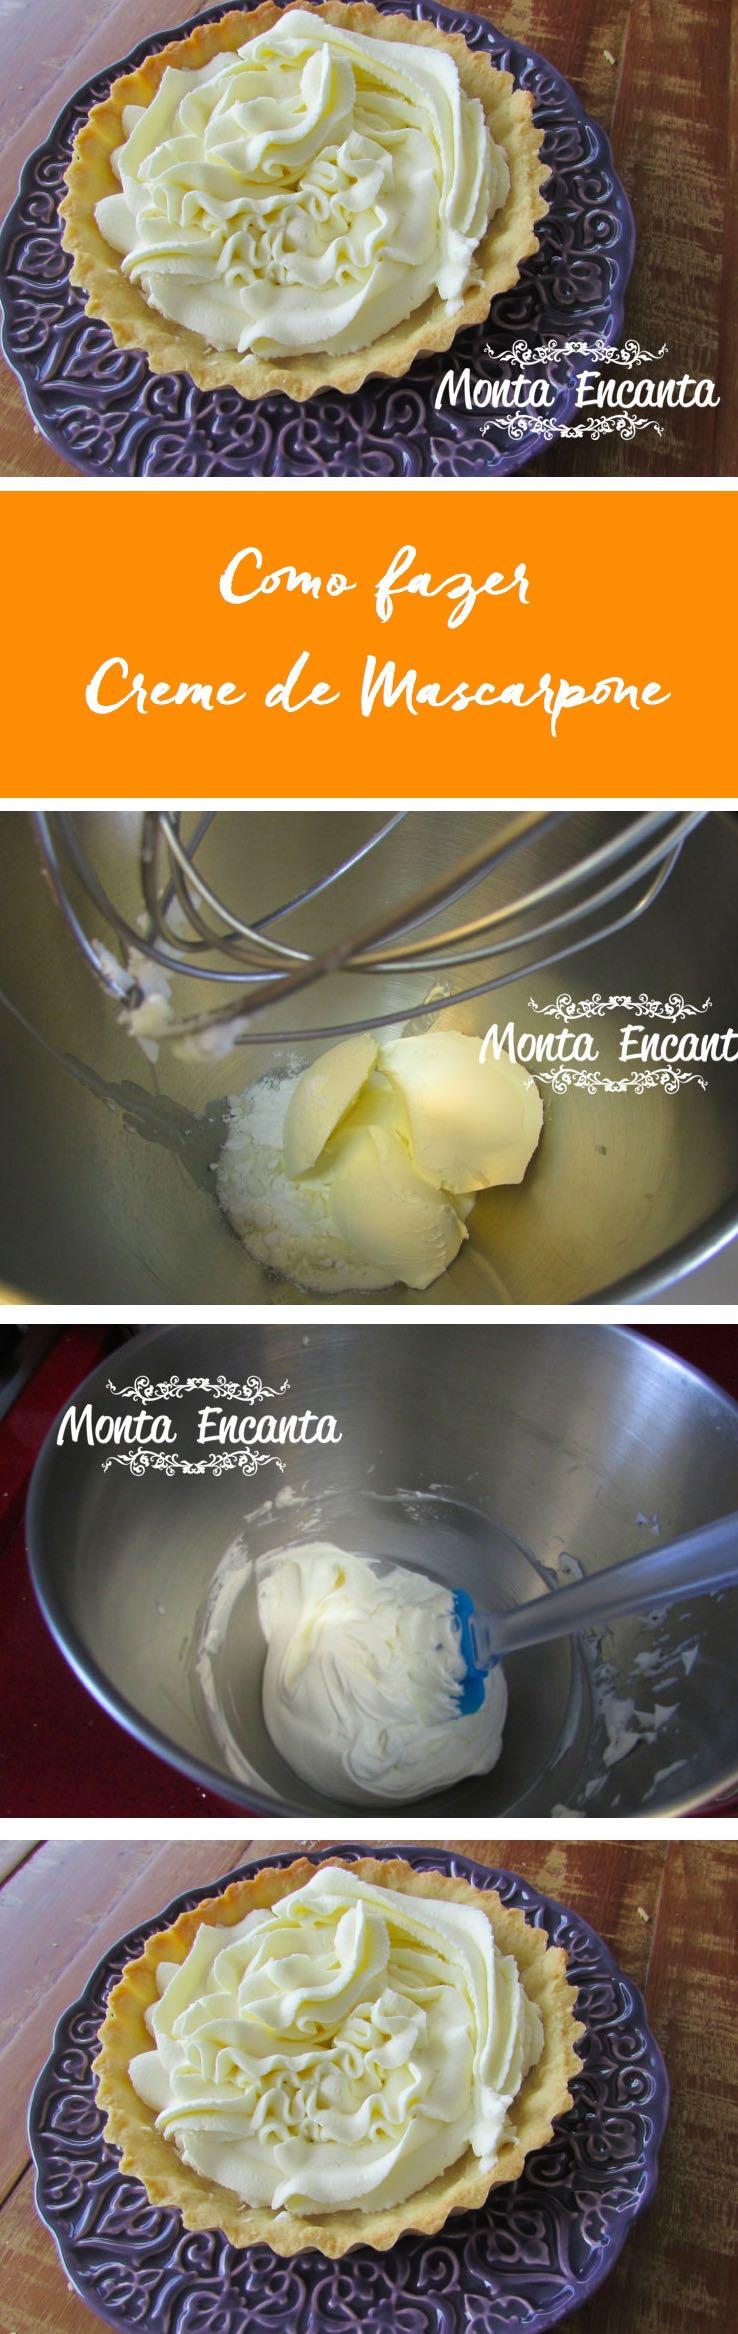 Como fazer Creme de Mascarpone